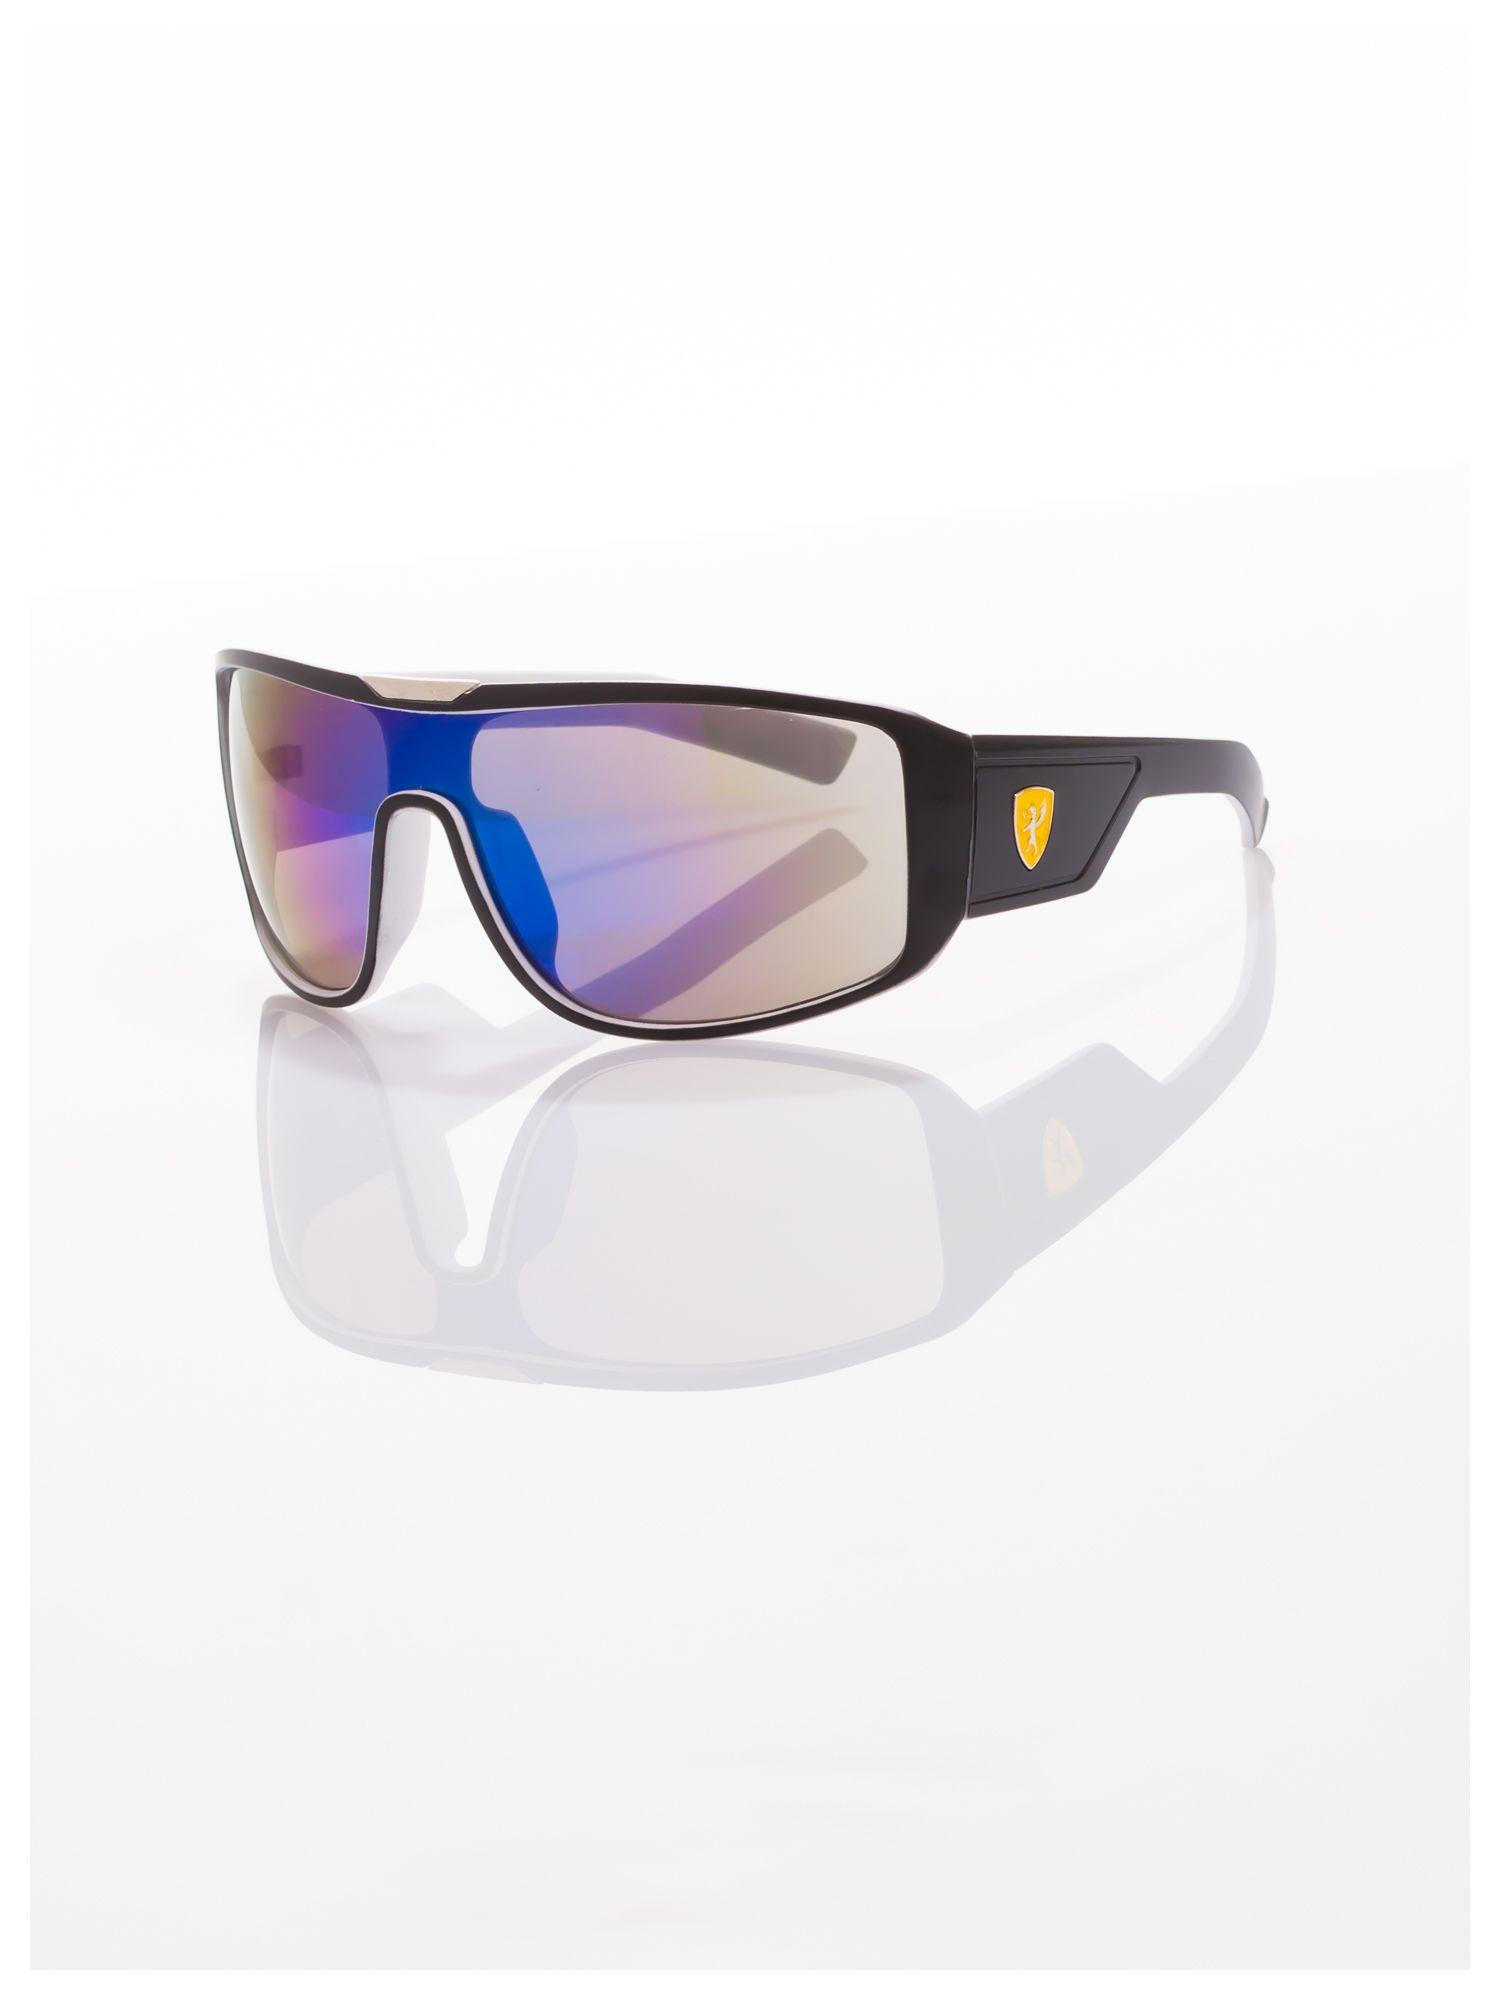 Modne męskie okulary przeciwsłoneczne w stylu Beckhamki                                   zdj.                                  2